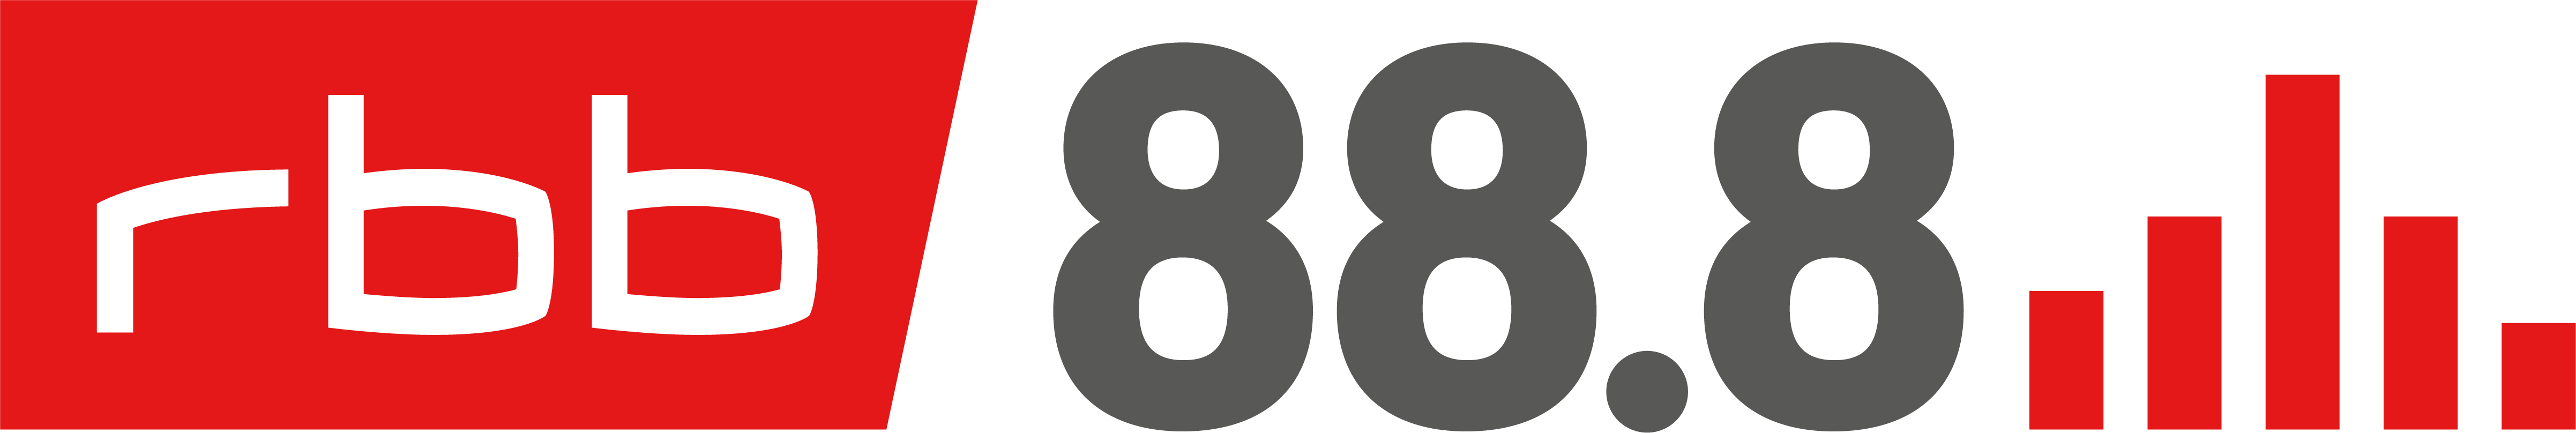 rbb 88.8 vom Rundfunk Berlin-Brandenburg, Medienpartner der Späth'schen Baumschulen